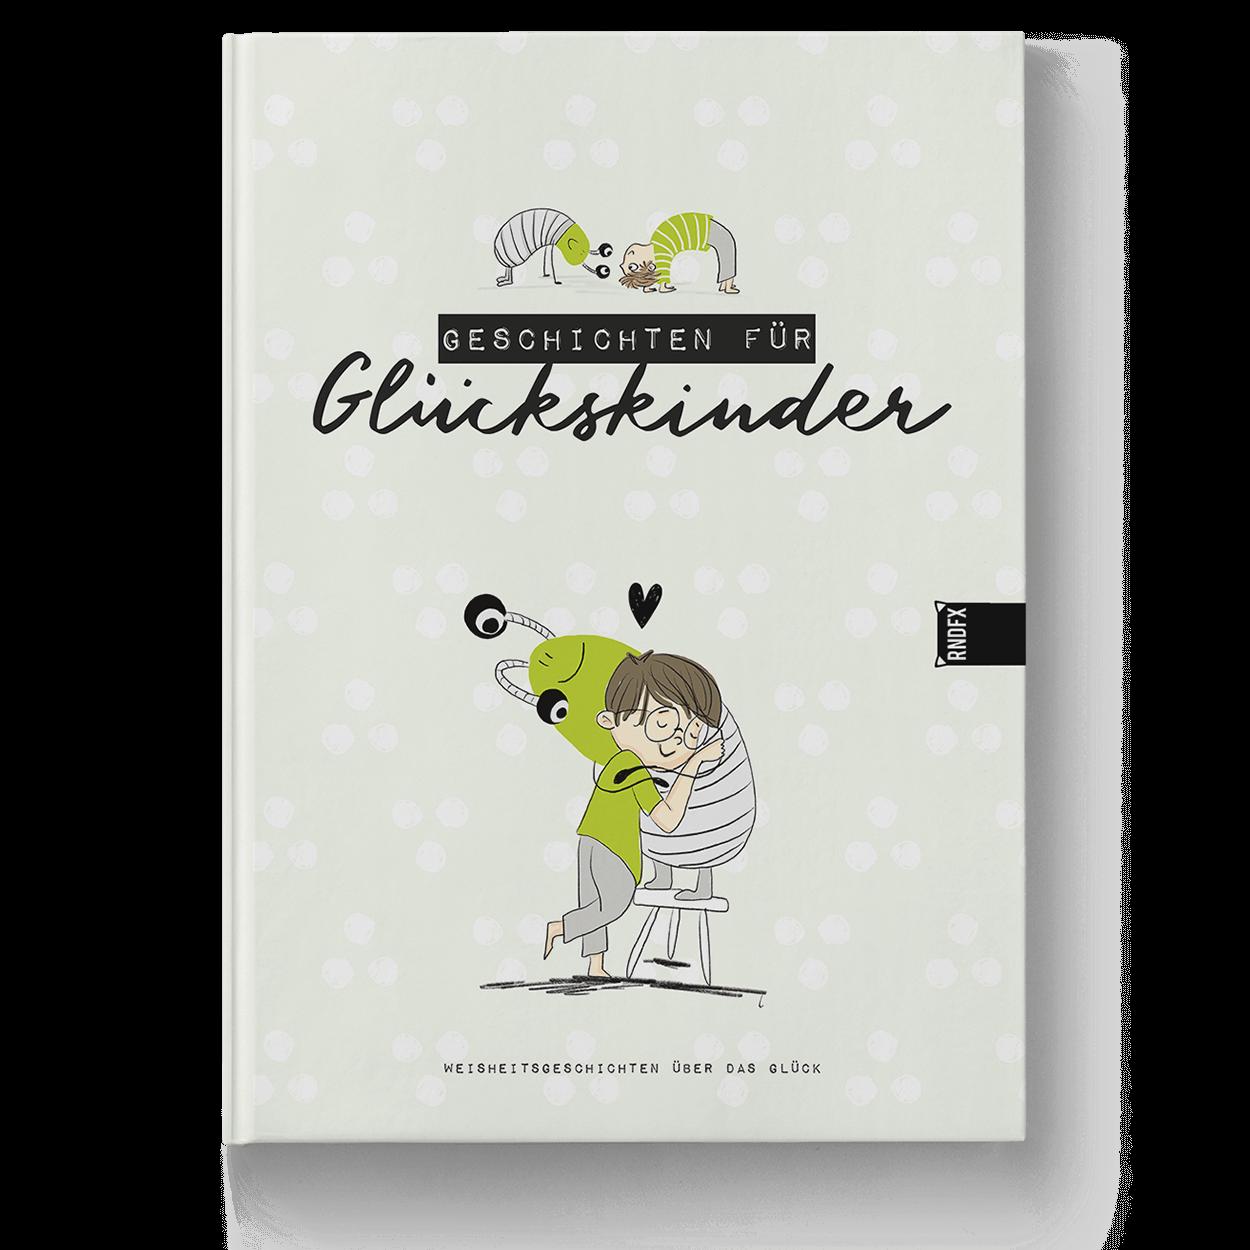 GlueckskinderGeschichten_CoverFrontRNDFX